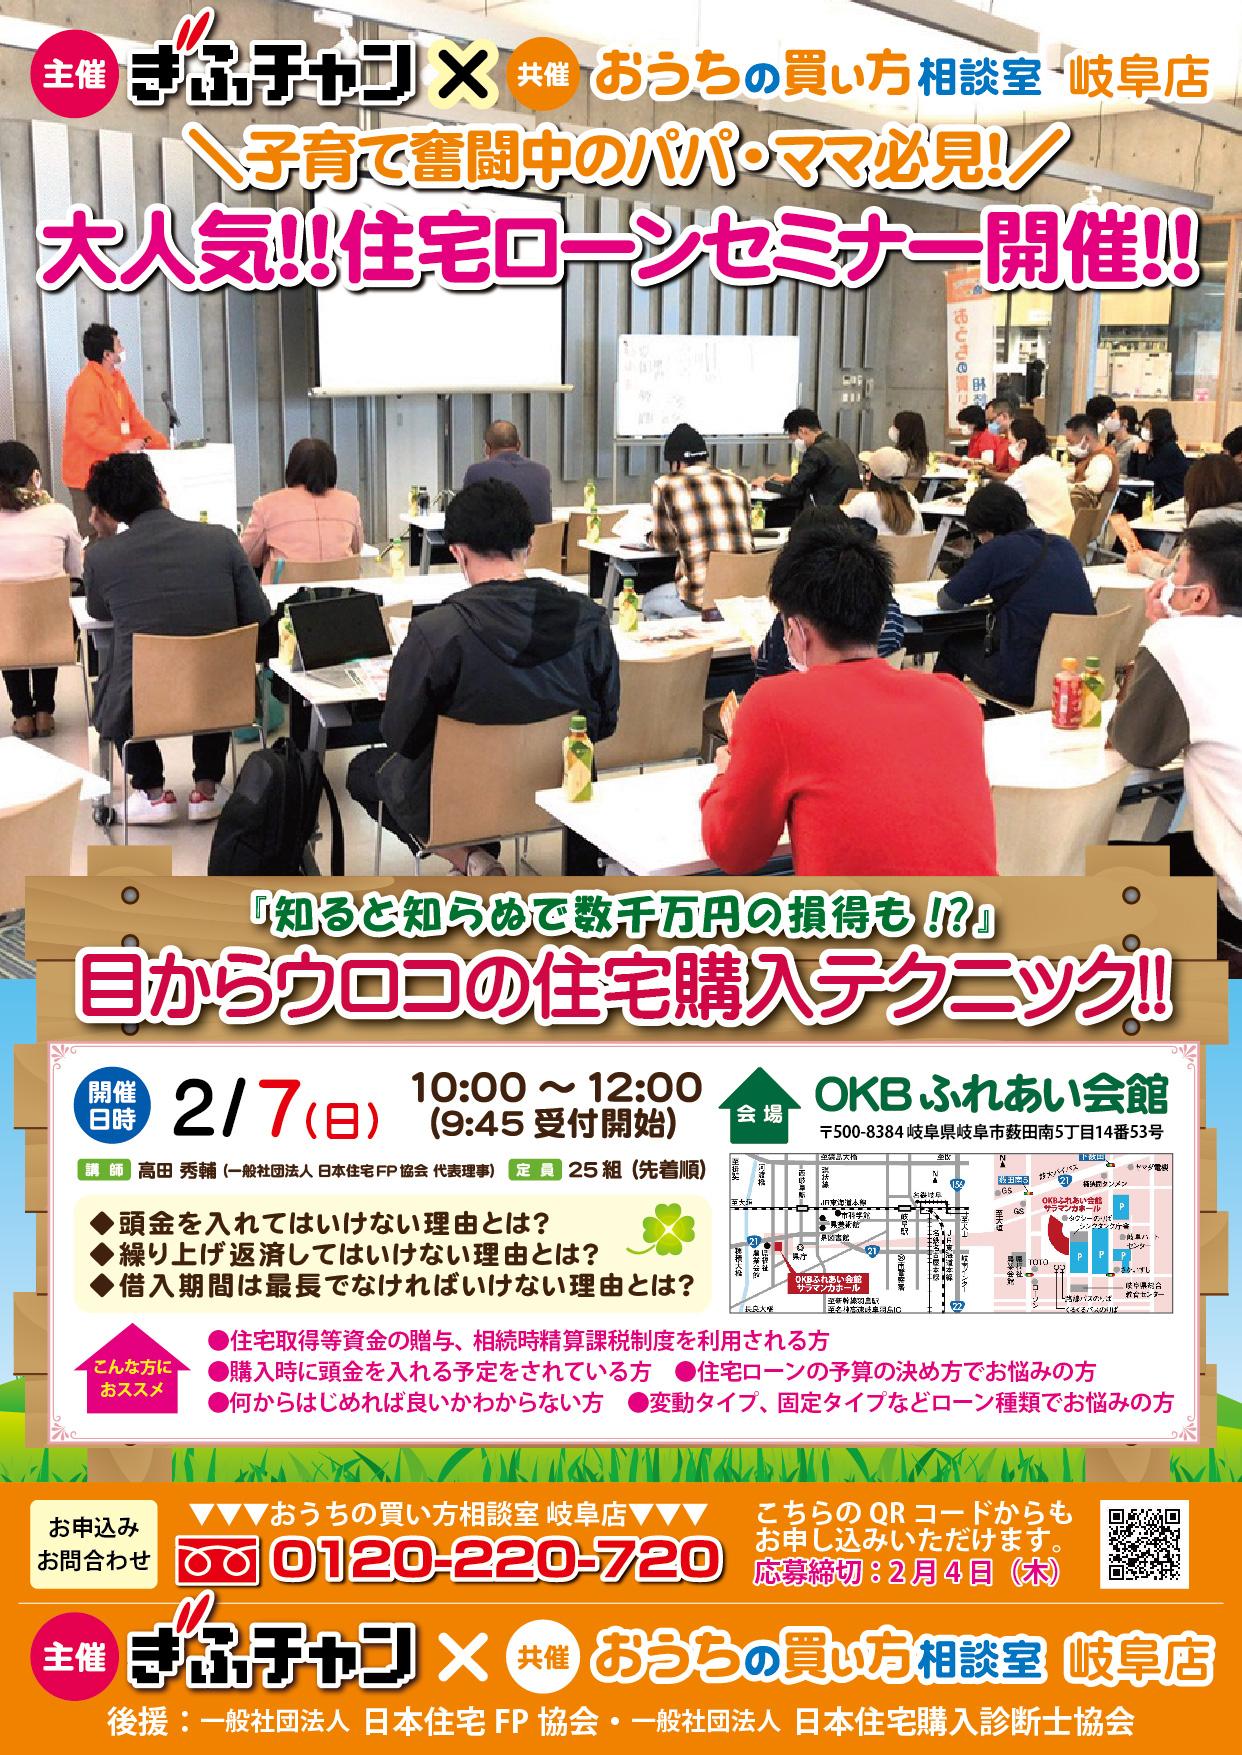 【ぎふチャン・主催】住宅ローンセミナー開催決定!!